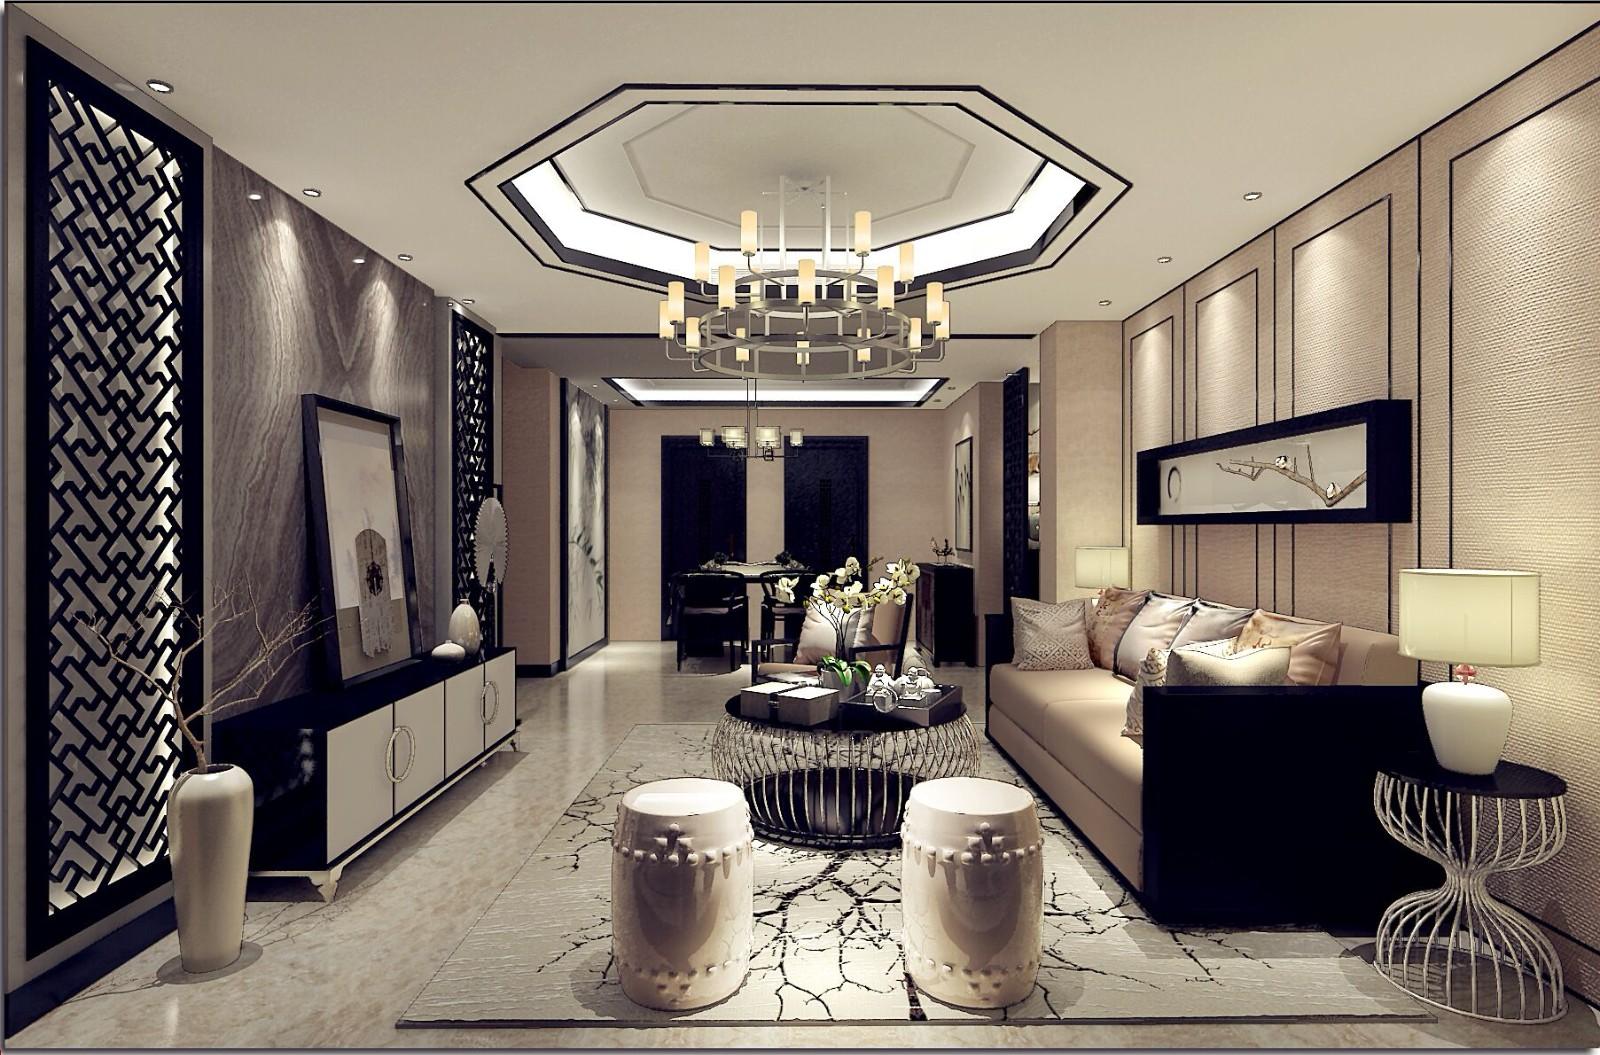 广东顺德馨怡装饰设计工程有限公司禅城南庄分公司